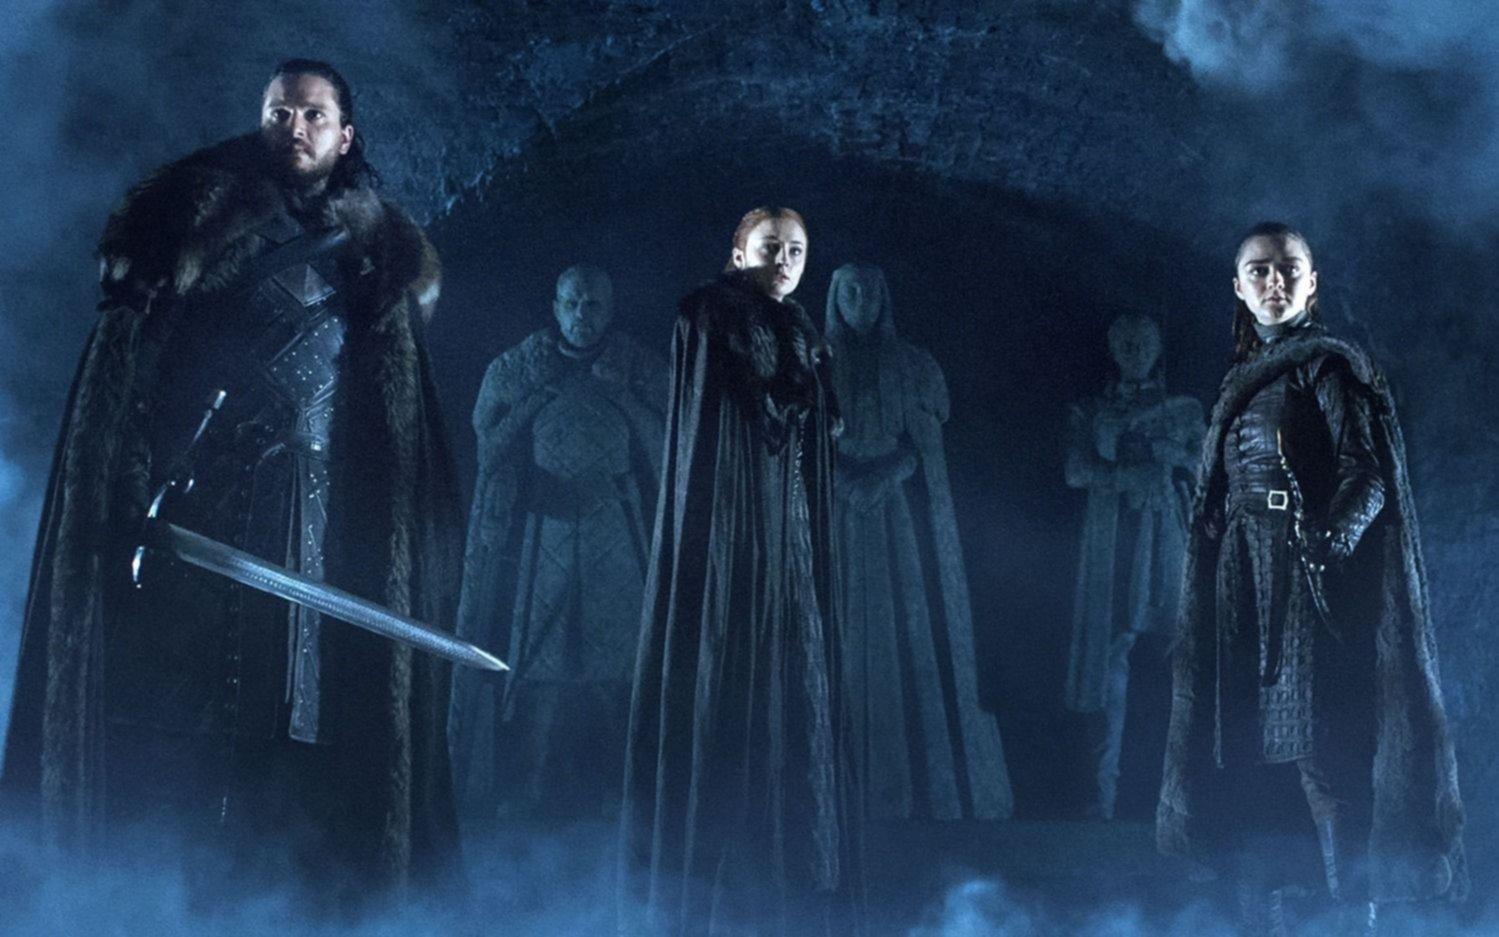 Más de 3 mil ciberataques están vinculados a un capítulo de Game of Thrones